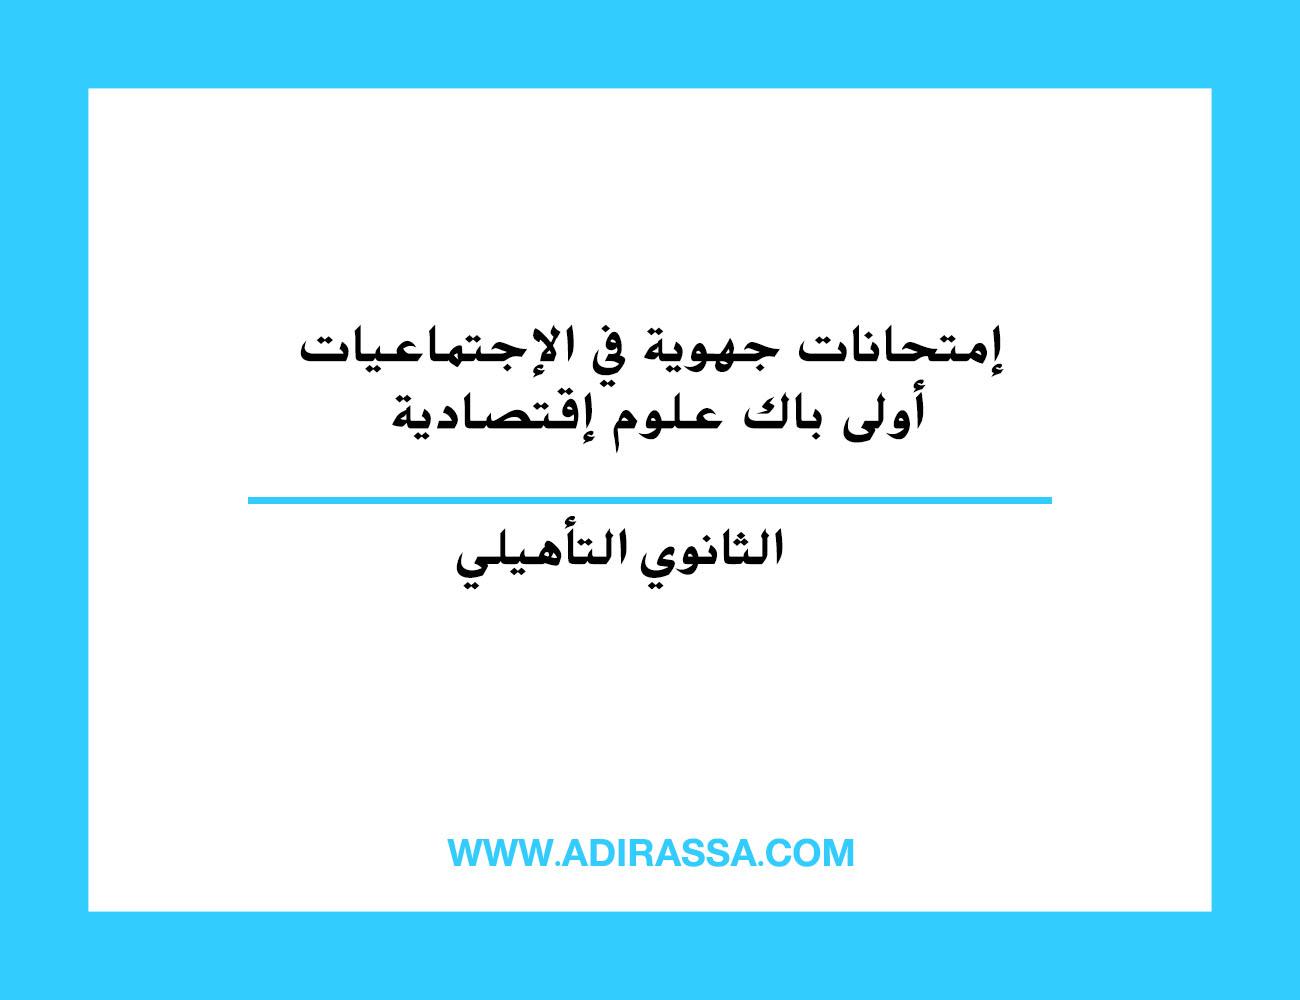 إمتحانات جهوية في الإجتماعيات أولى باك علوم إقتصادية المقررة بالمغرب